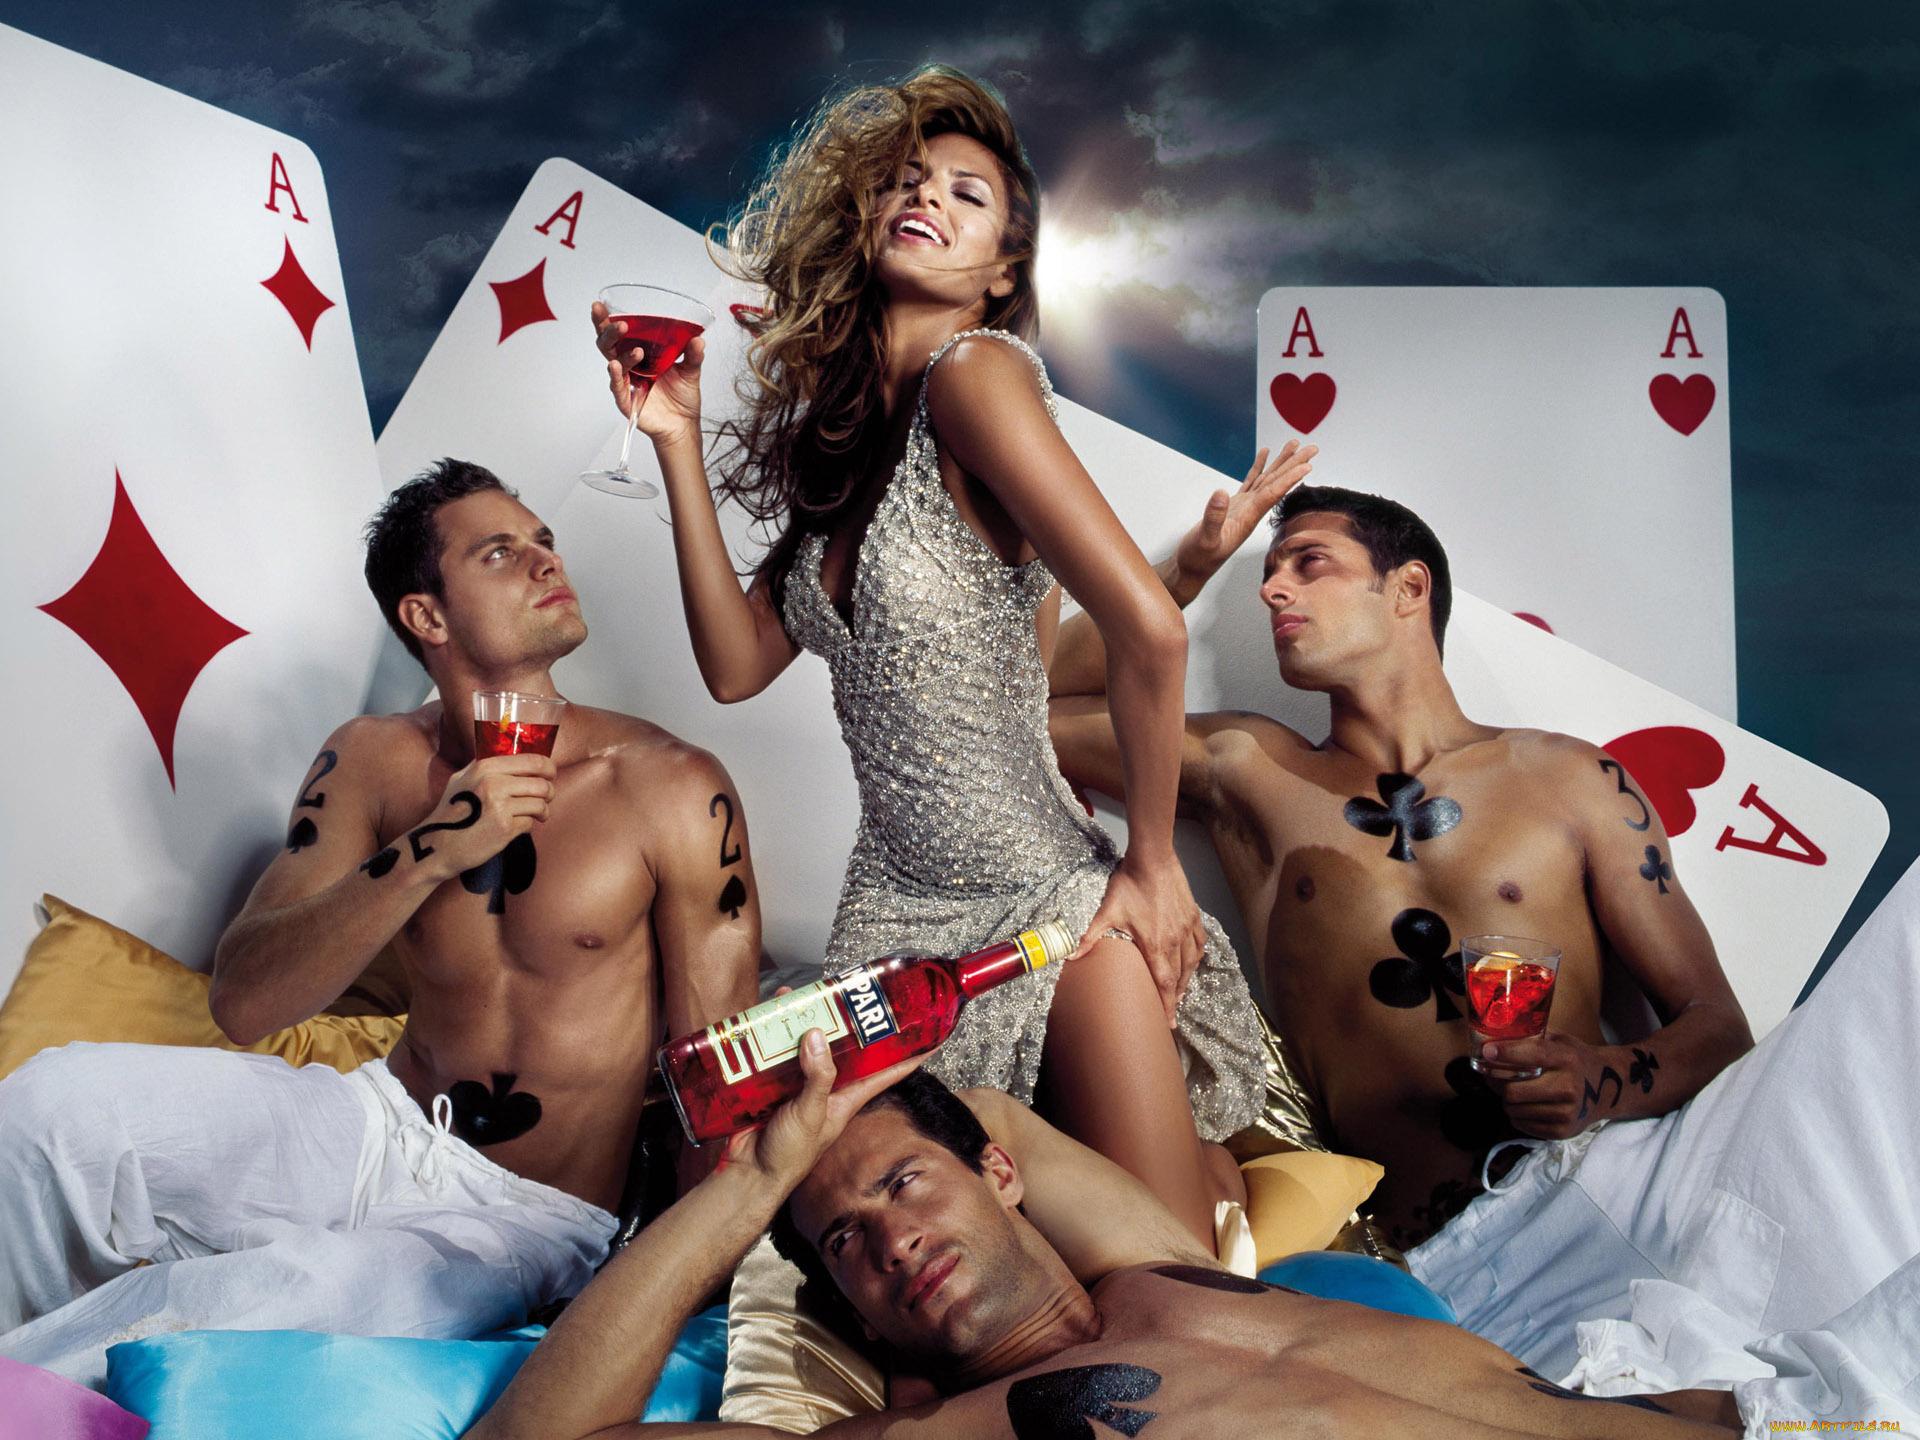 Девушка одна на всех мужиков фото, женский организм подборка порно